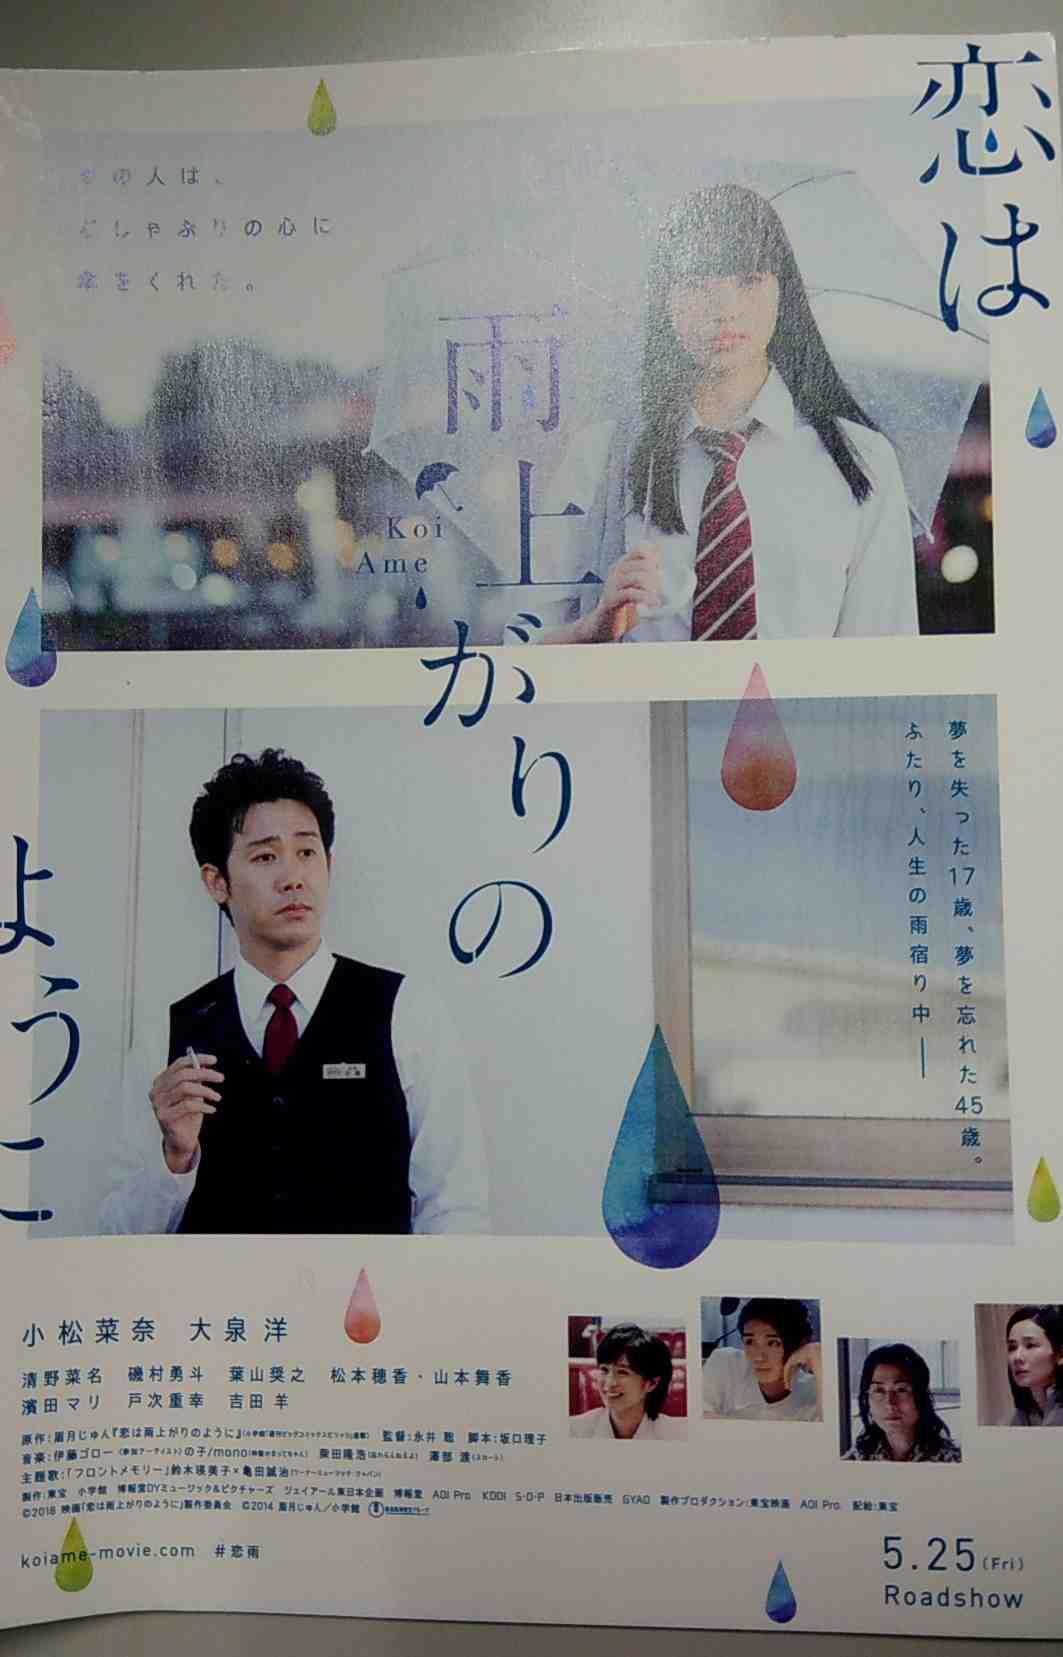 5月25日上映★恋は雨上がりのように試写会★